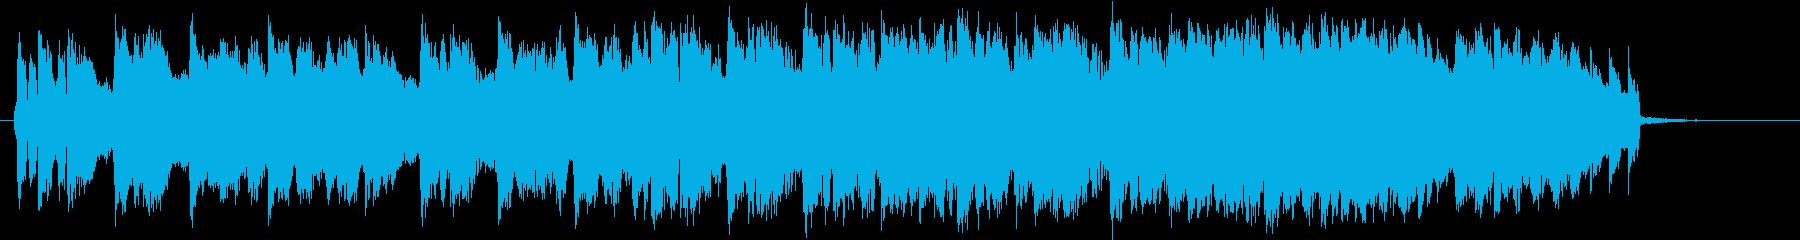 春を歌ったテクノポップの再生済みの波形